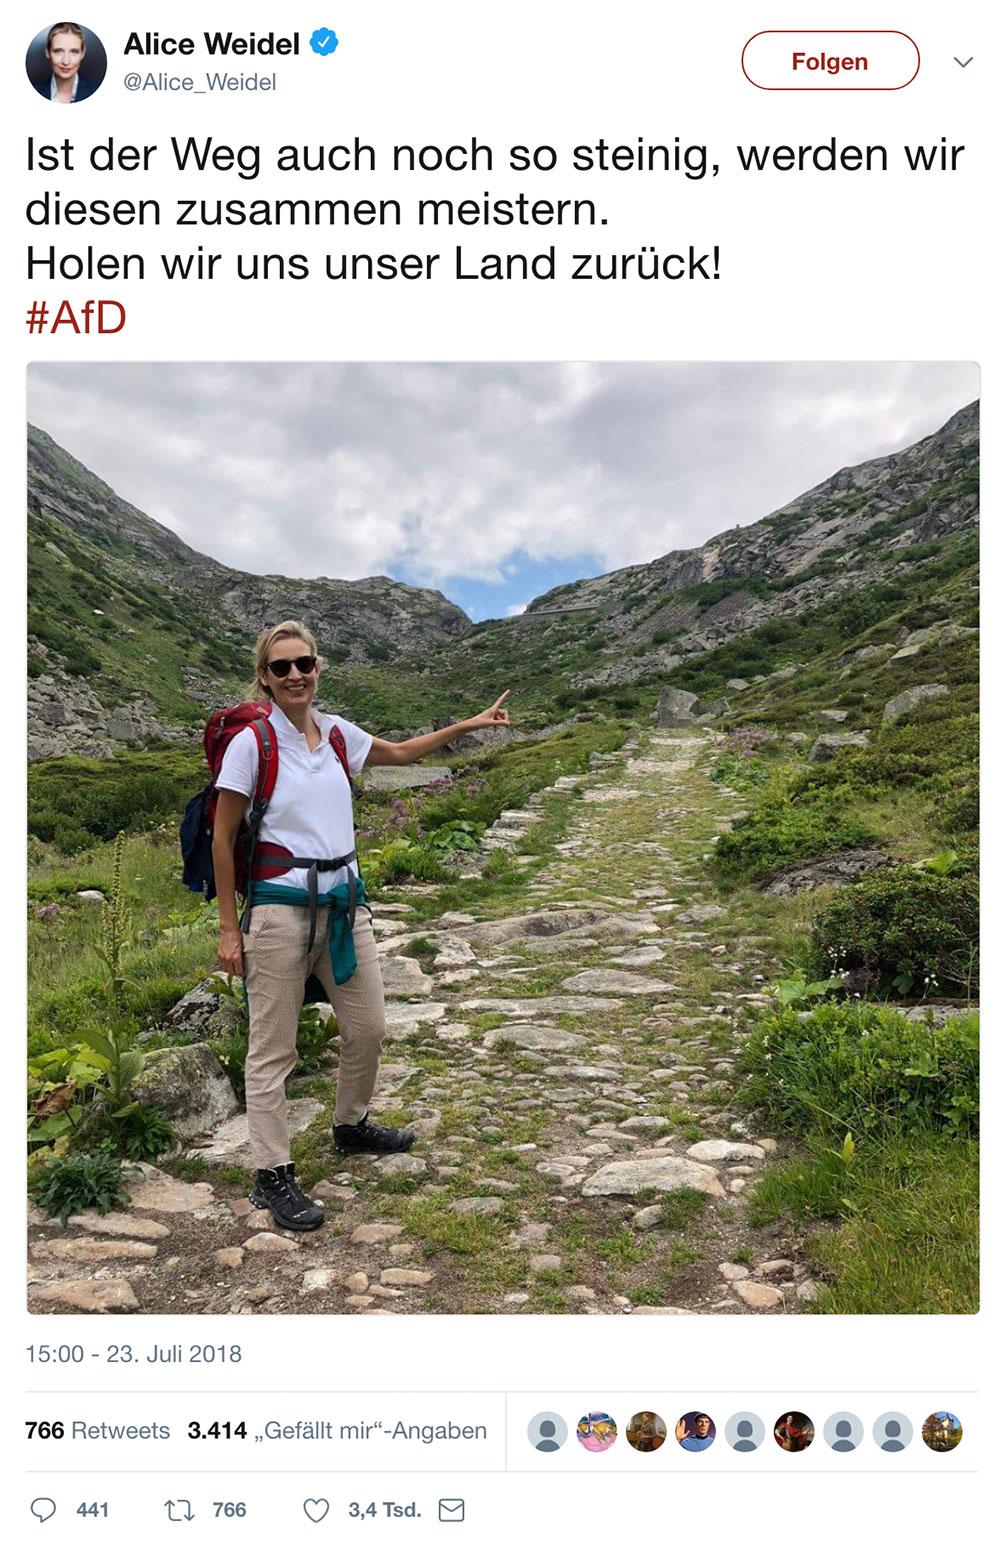 tweet alice weidel juli 2018 1 - AfD Twitter Fail - wenn man nicht aufpasst und sich lächerlich macht